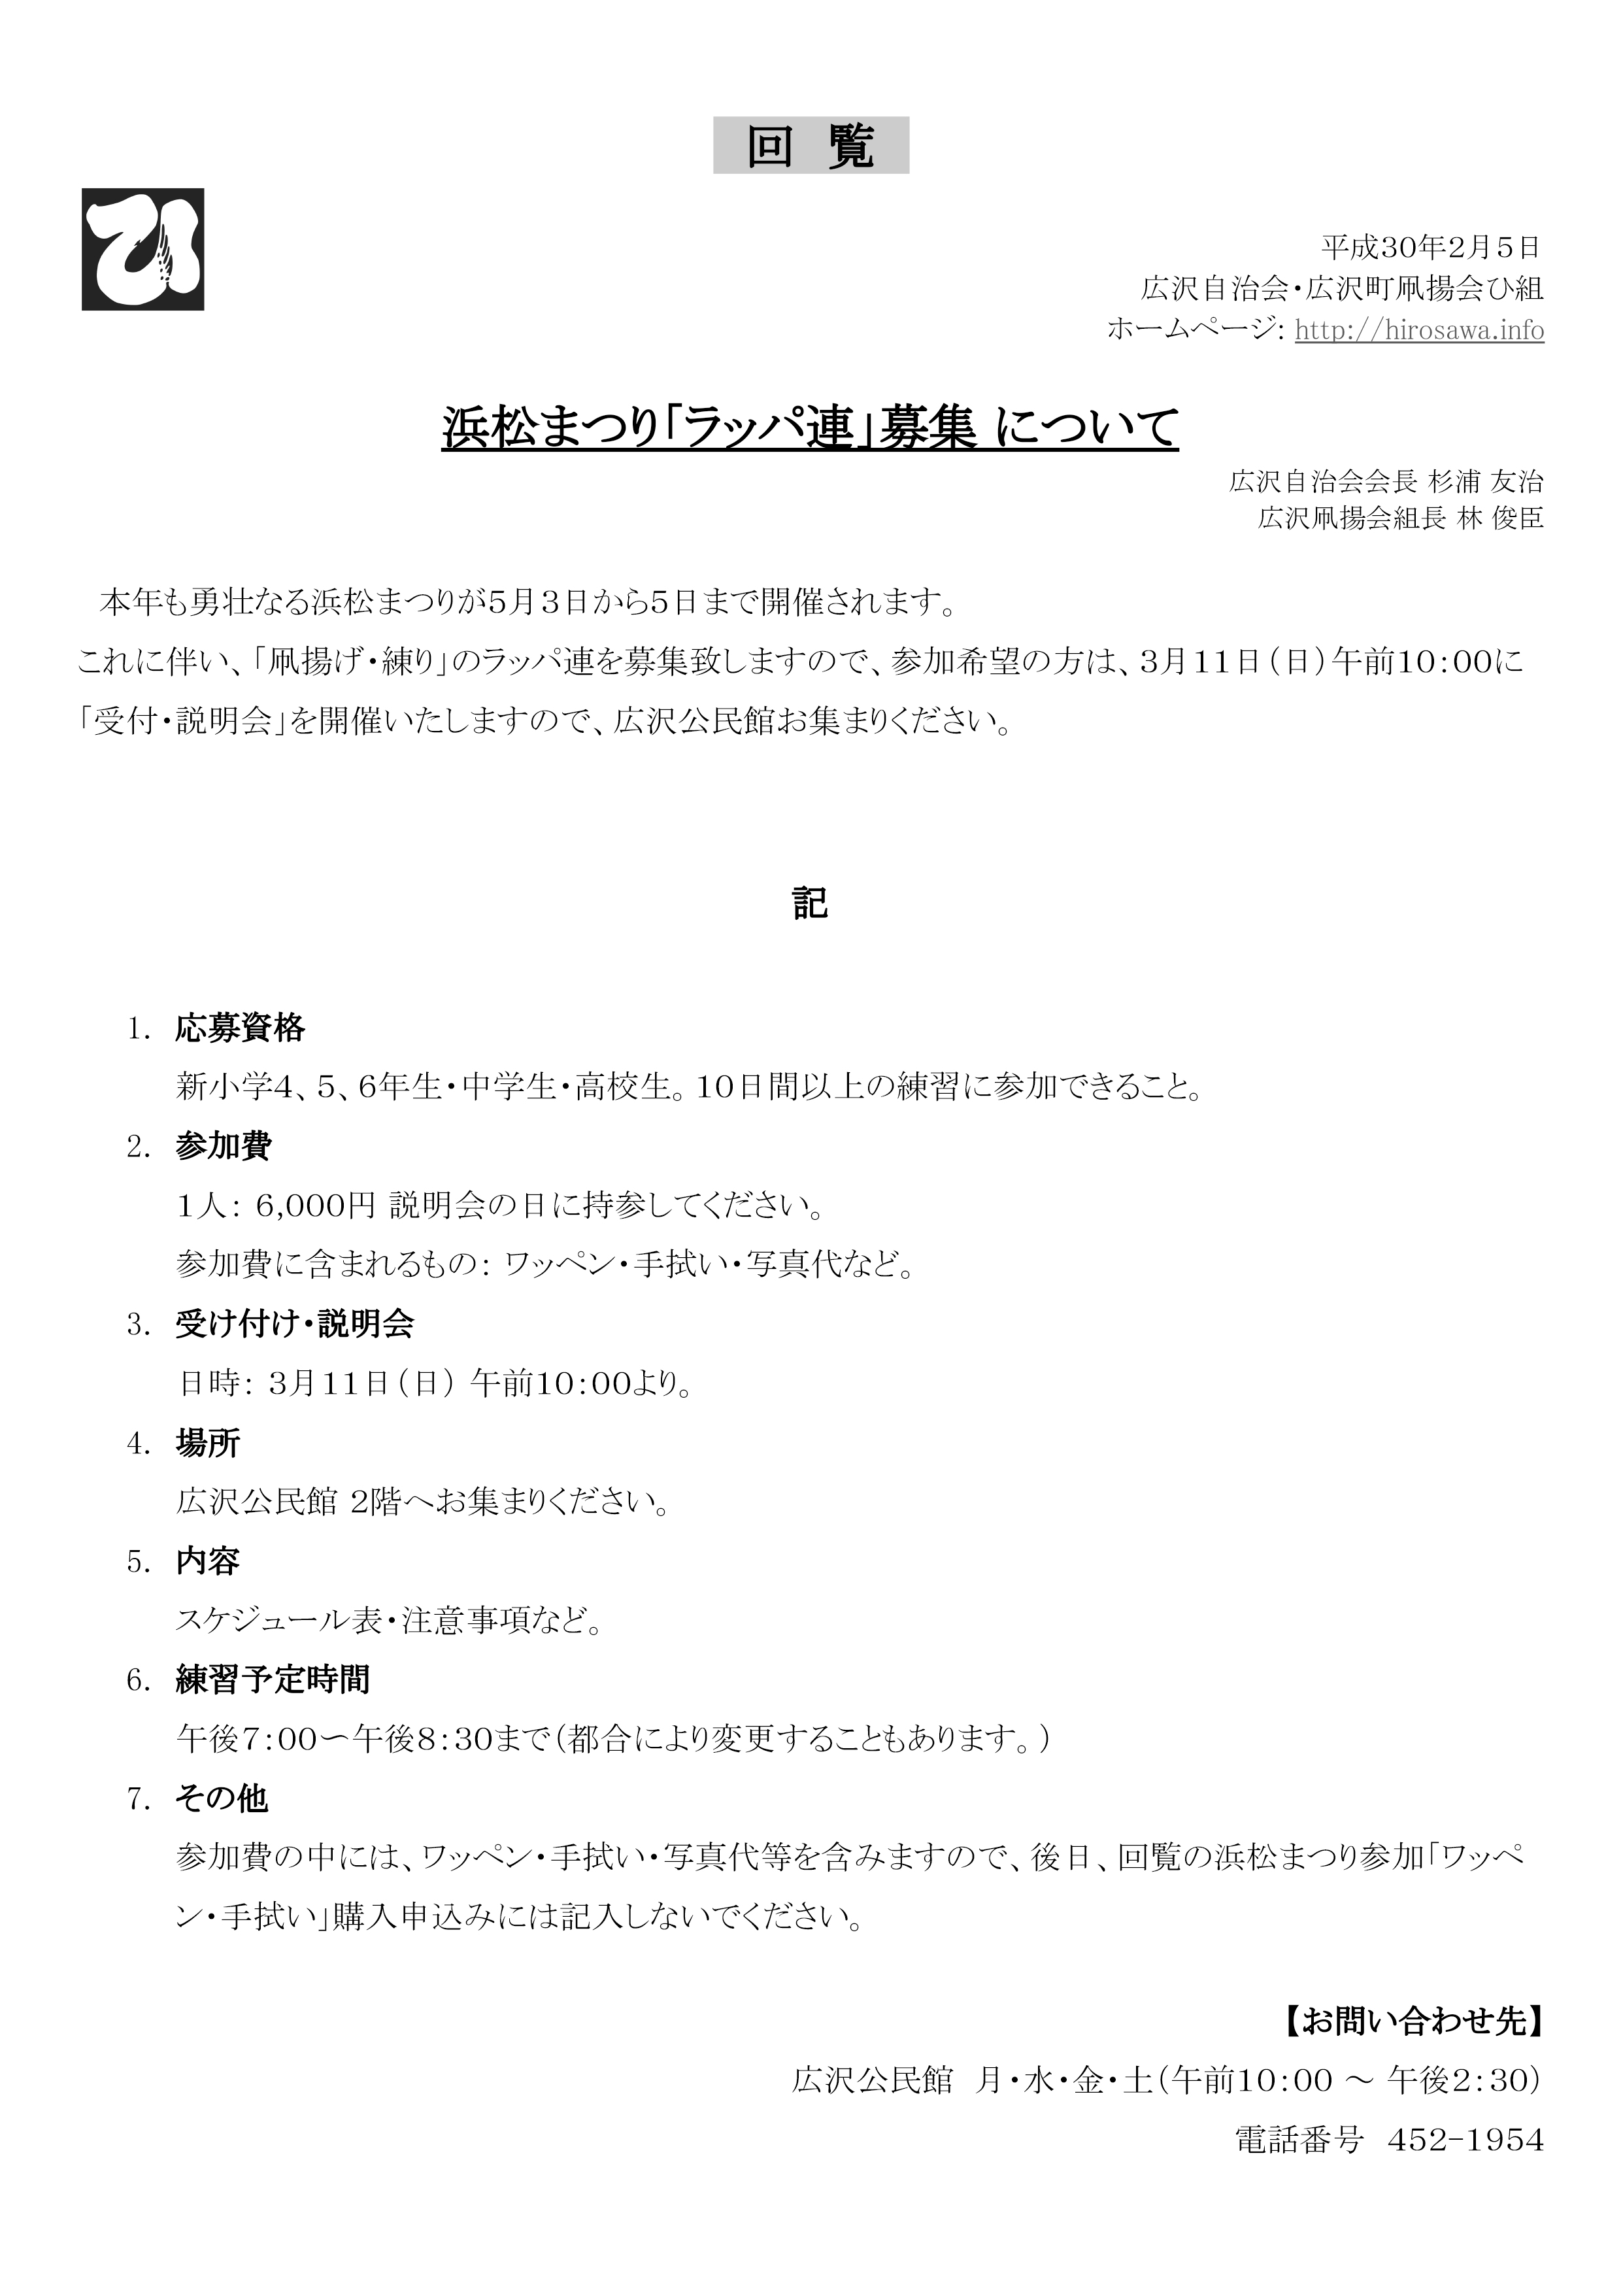 【回覧】浜松まつり「ラッパ連」募集 について